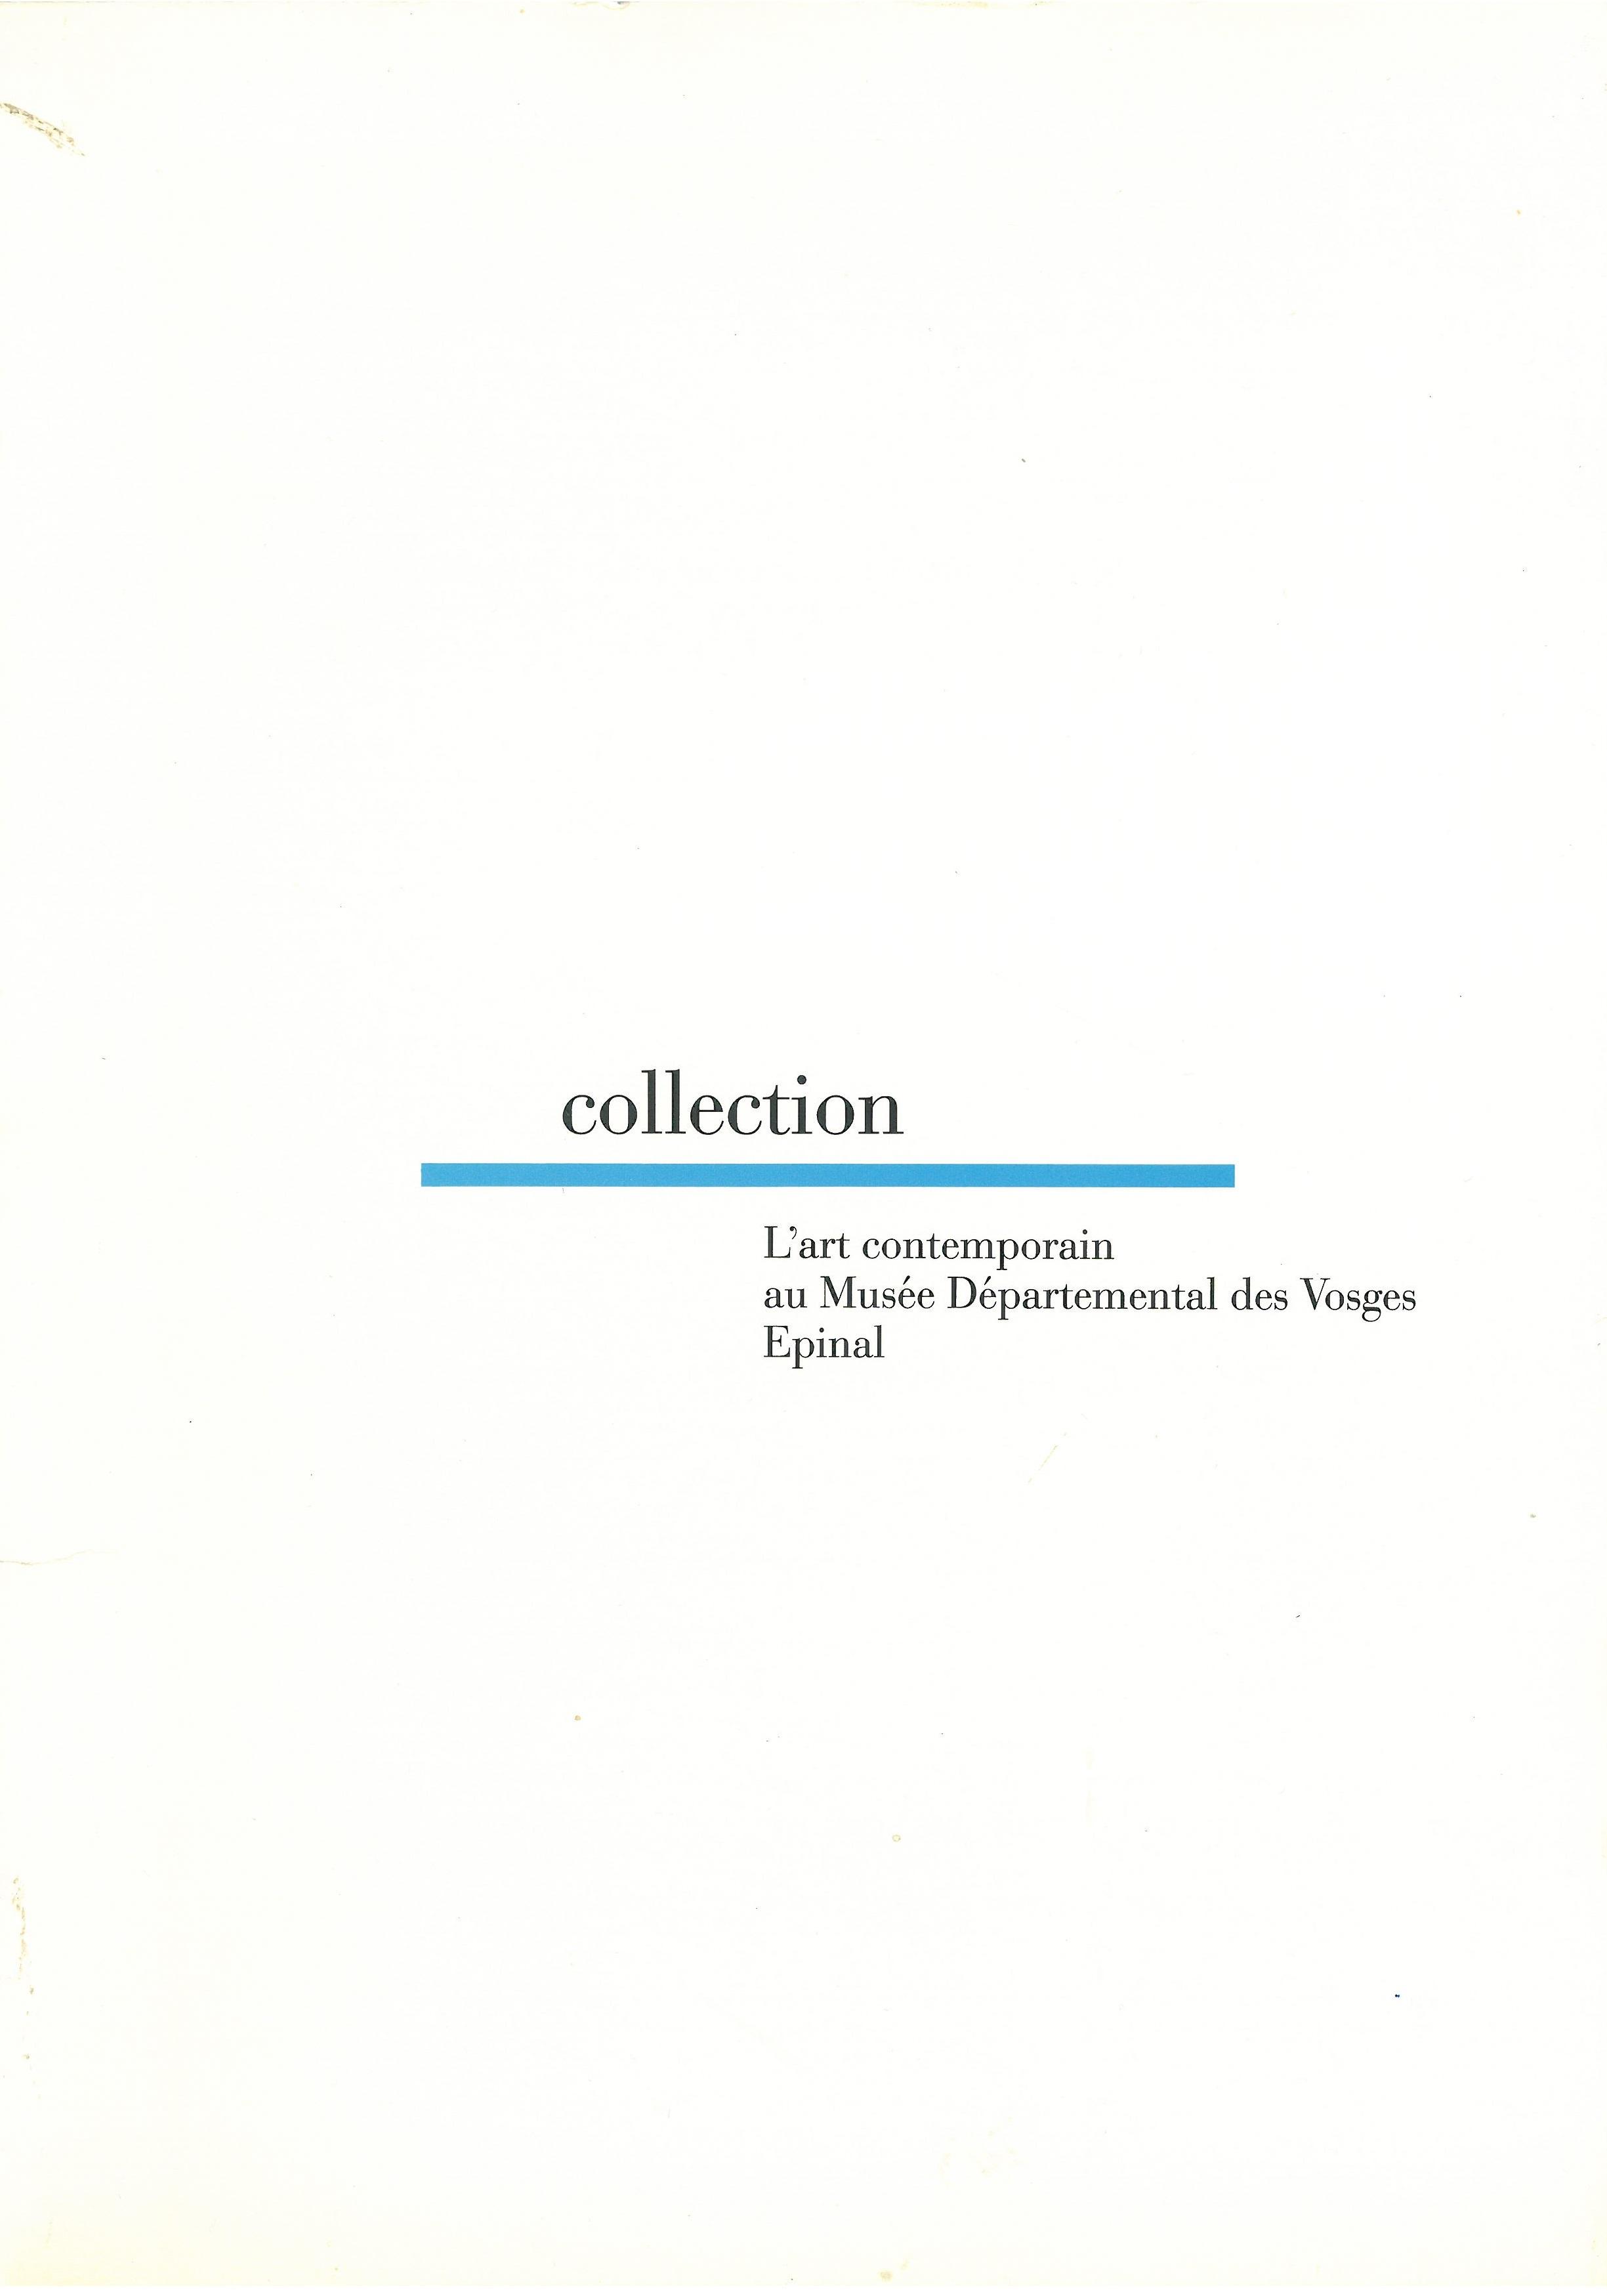 Collection d'art contemporain 1986